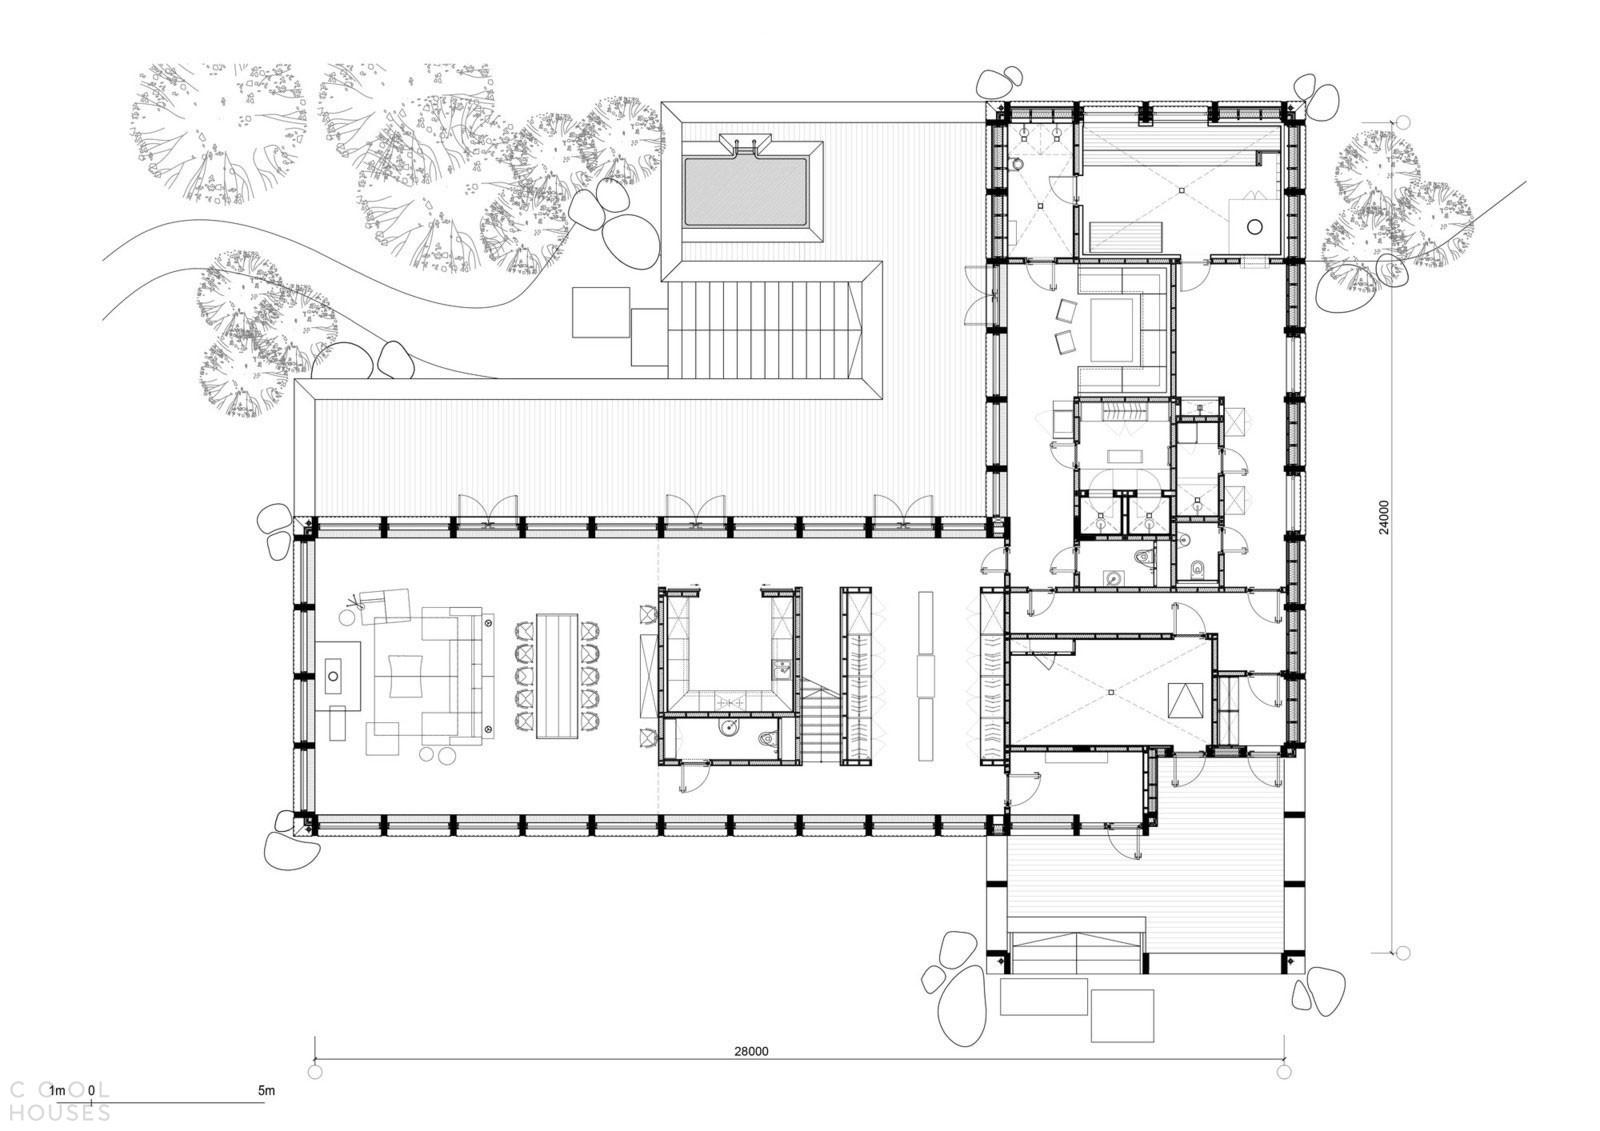 Гостевой дом в Подмосковье – победитель конкурса Arhiwood-2016